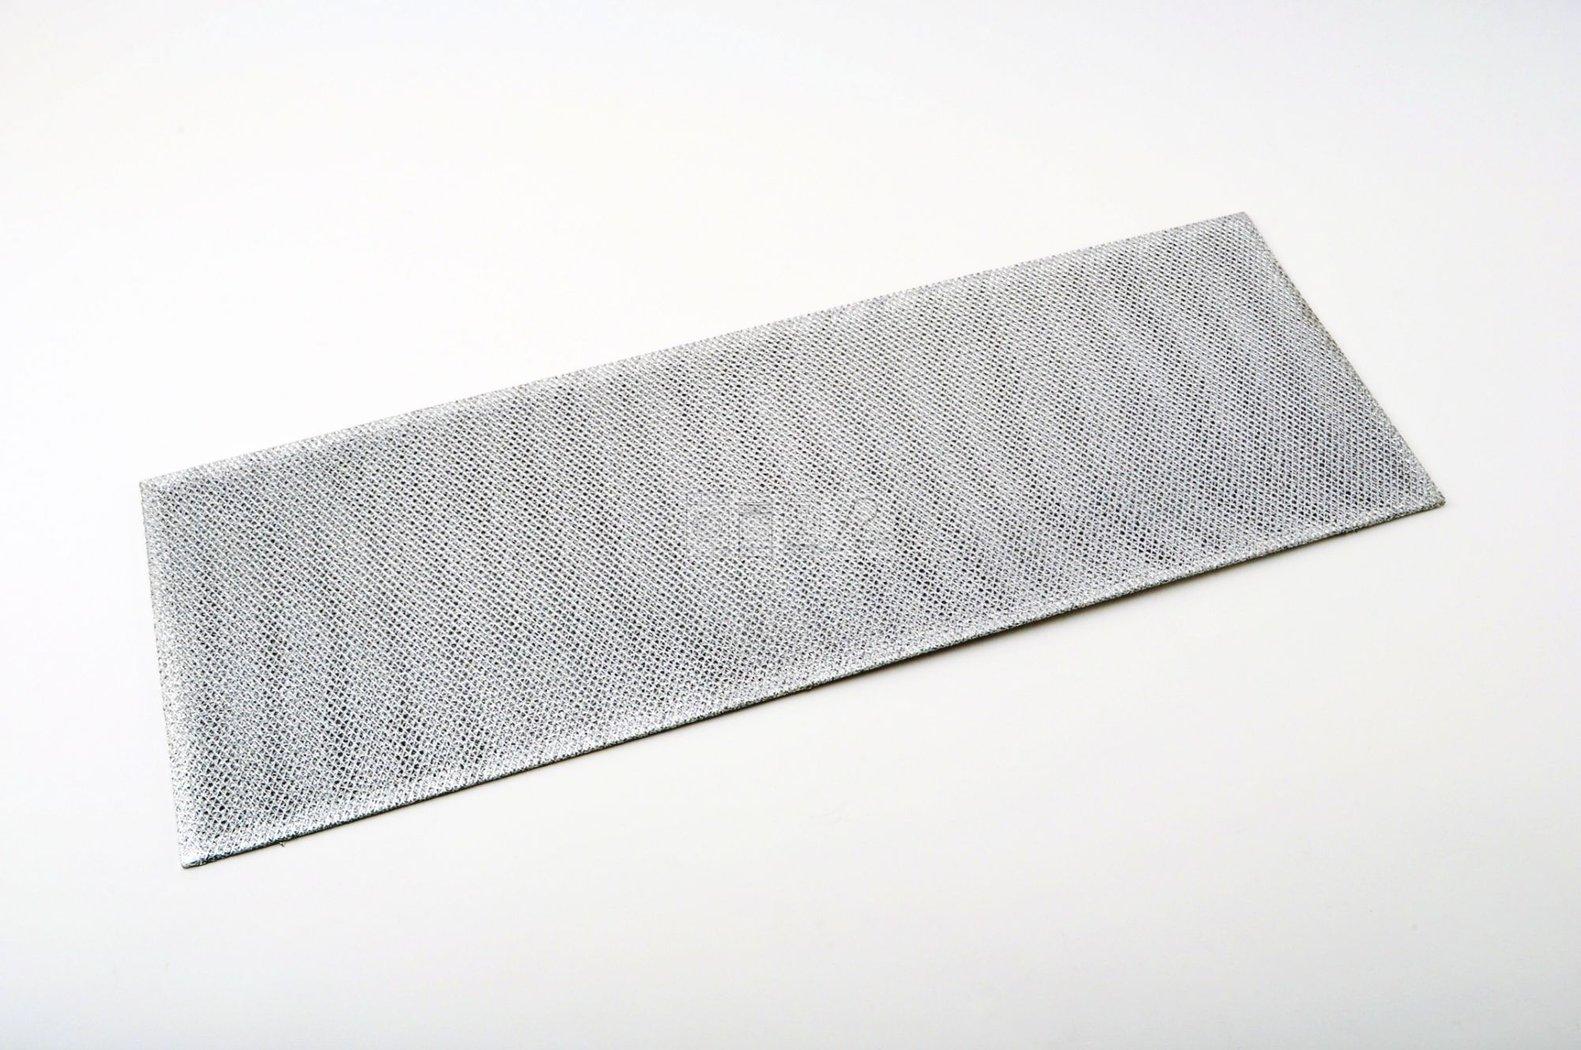 AEG Metall Dunst Fettfilter Einlage Matte 565x200mm